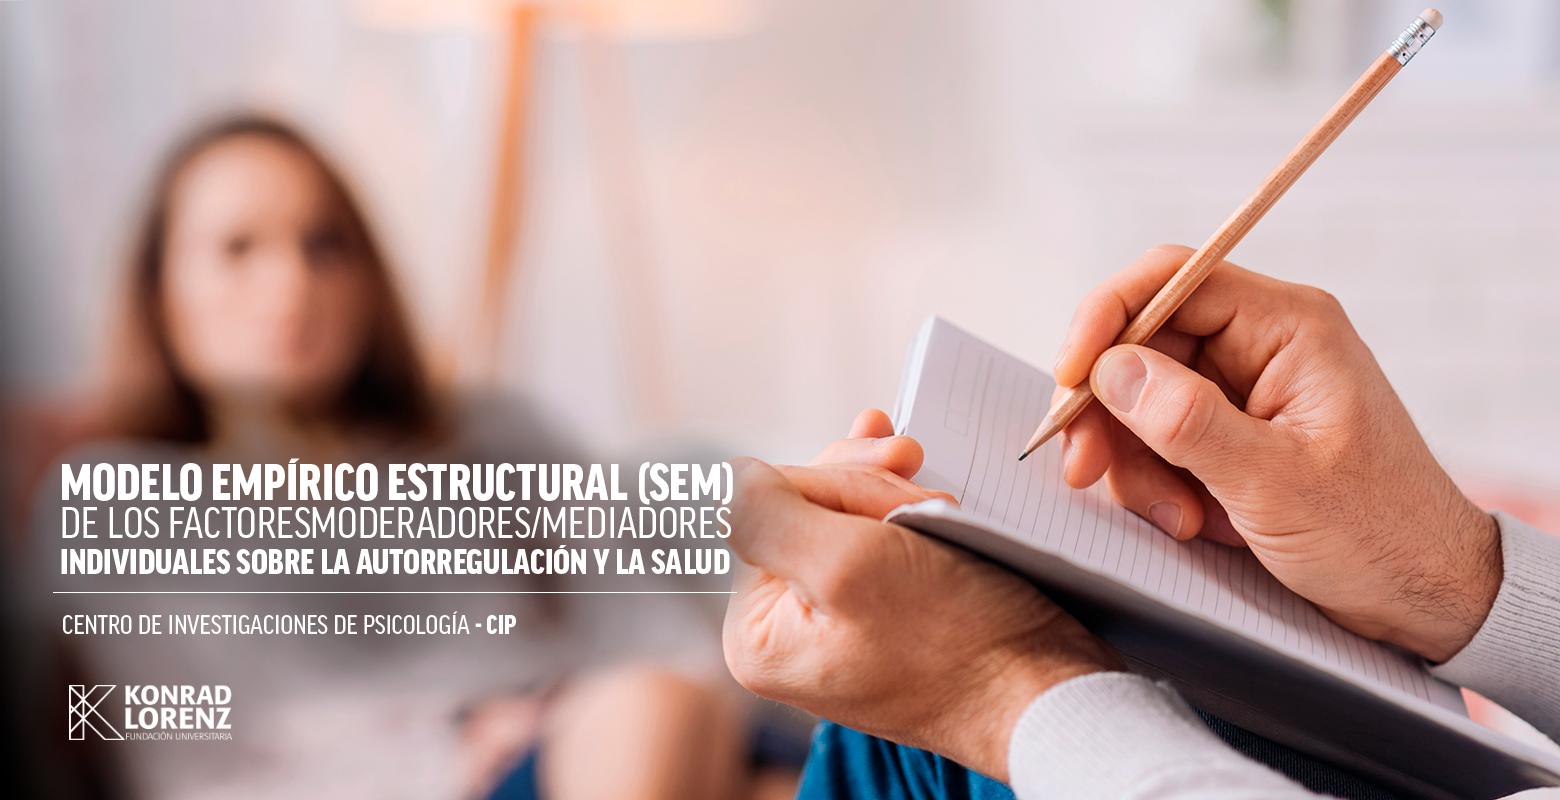 Modelo empírico estructural (SEM) de los factores moderadores/mediadores inividuales sobre la autoregulación y la salud